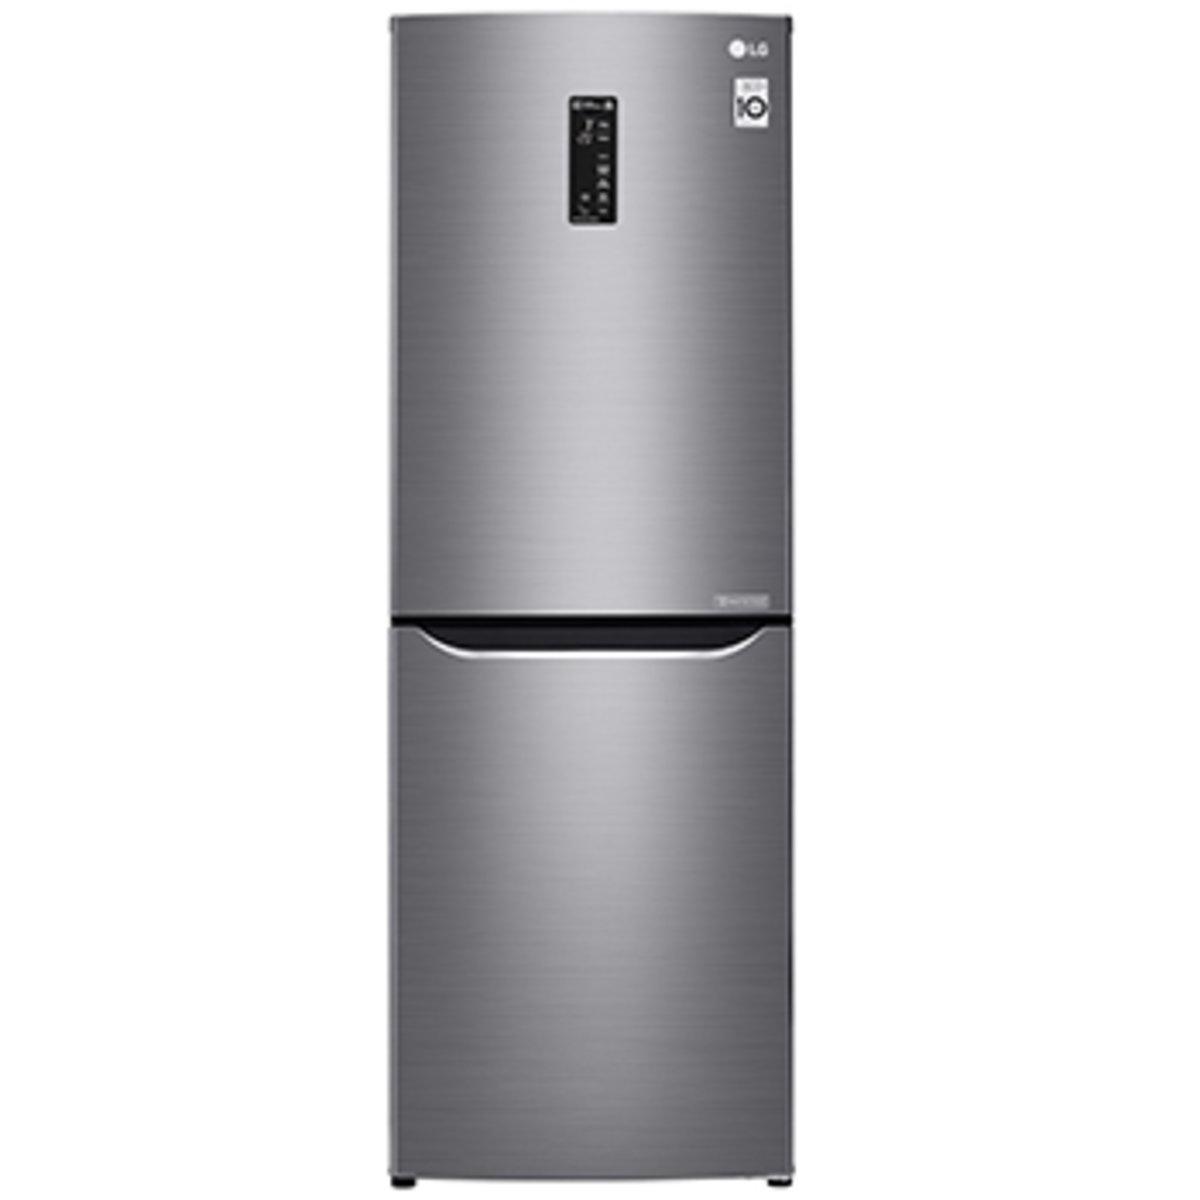 fridge online shopping